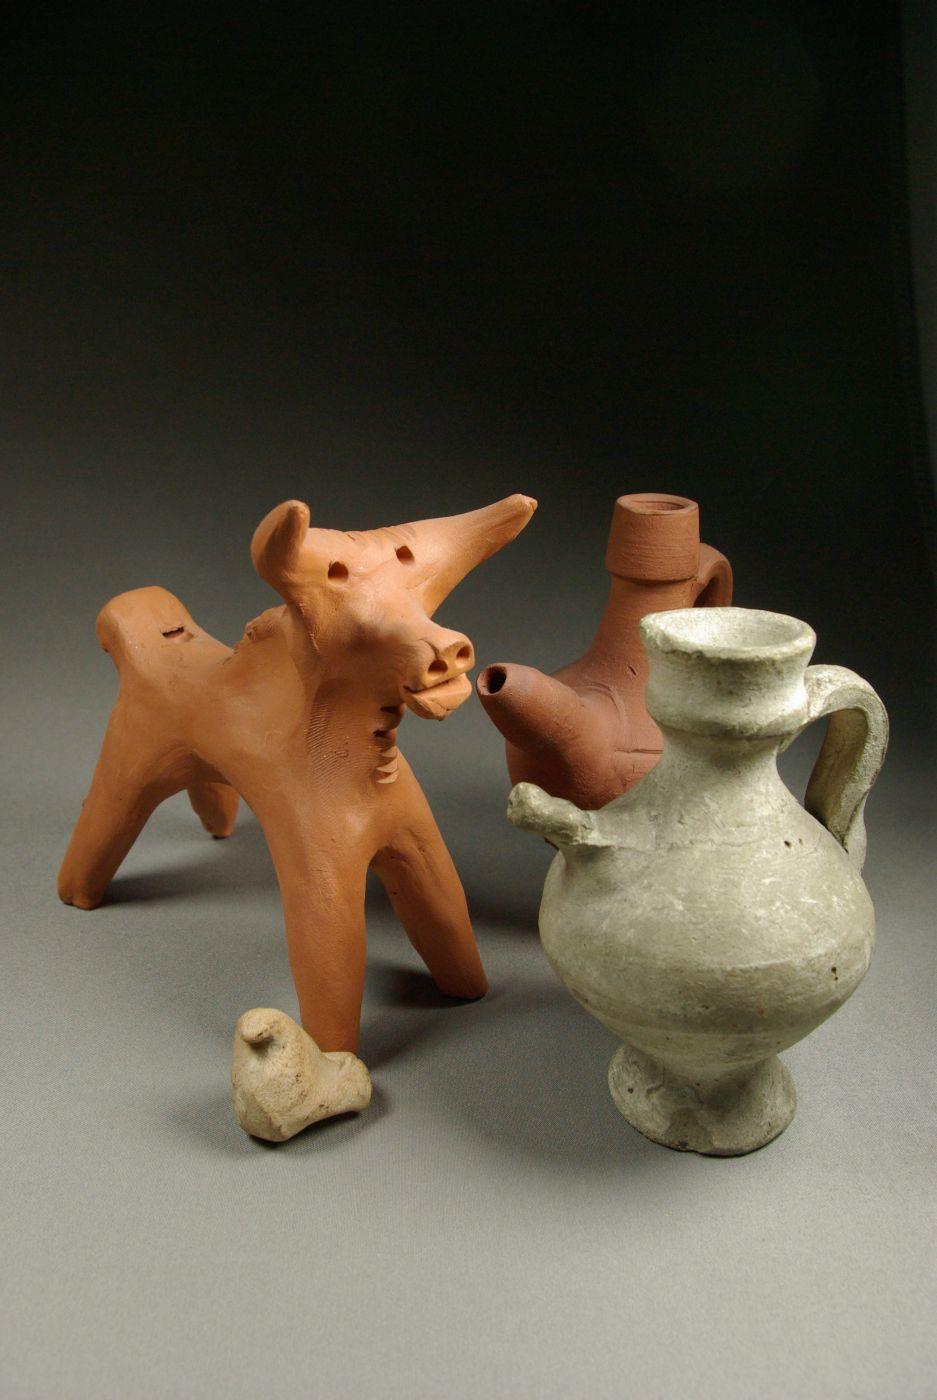 espagne - les sifflets en terre cuite du musée des civilisations de